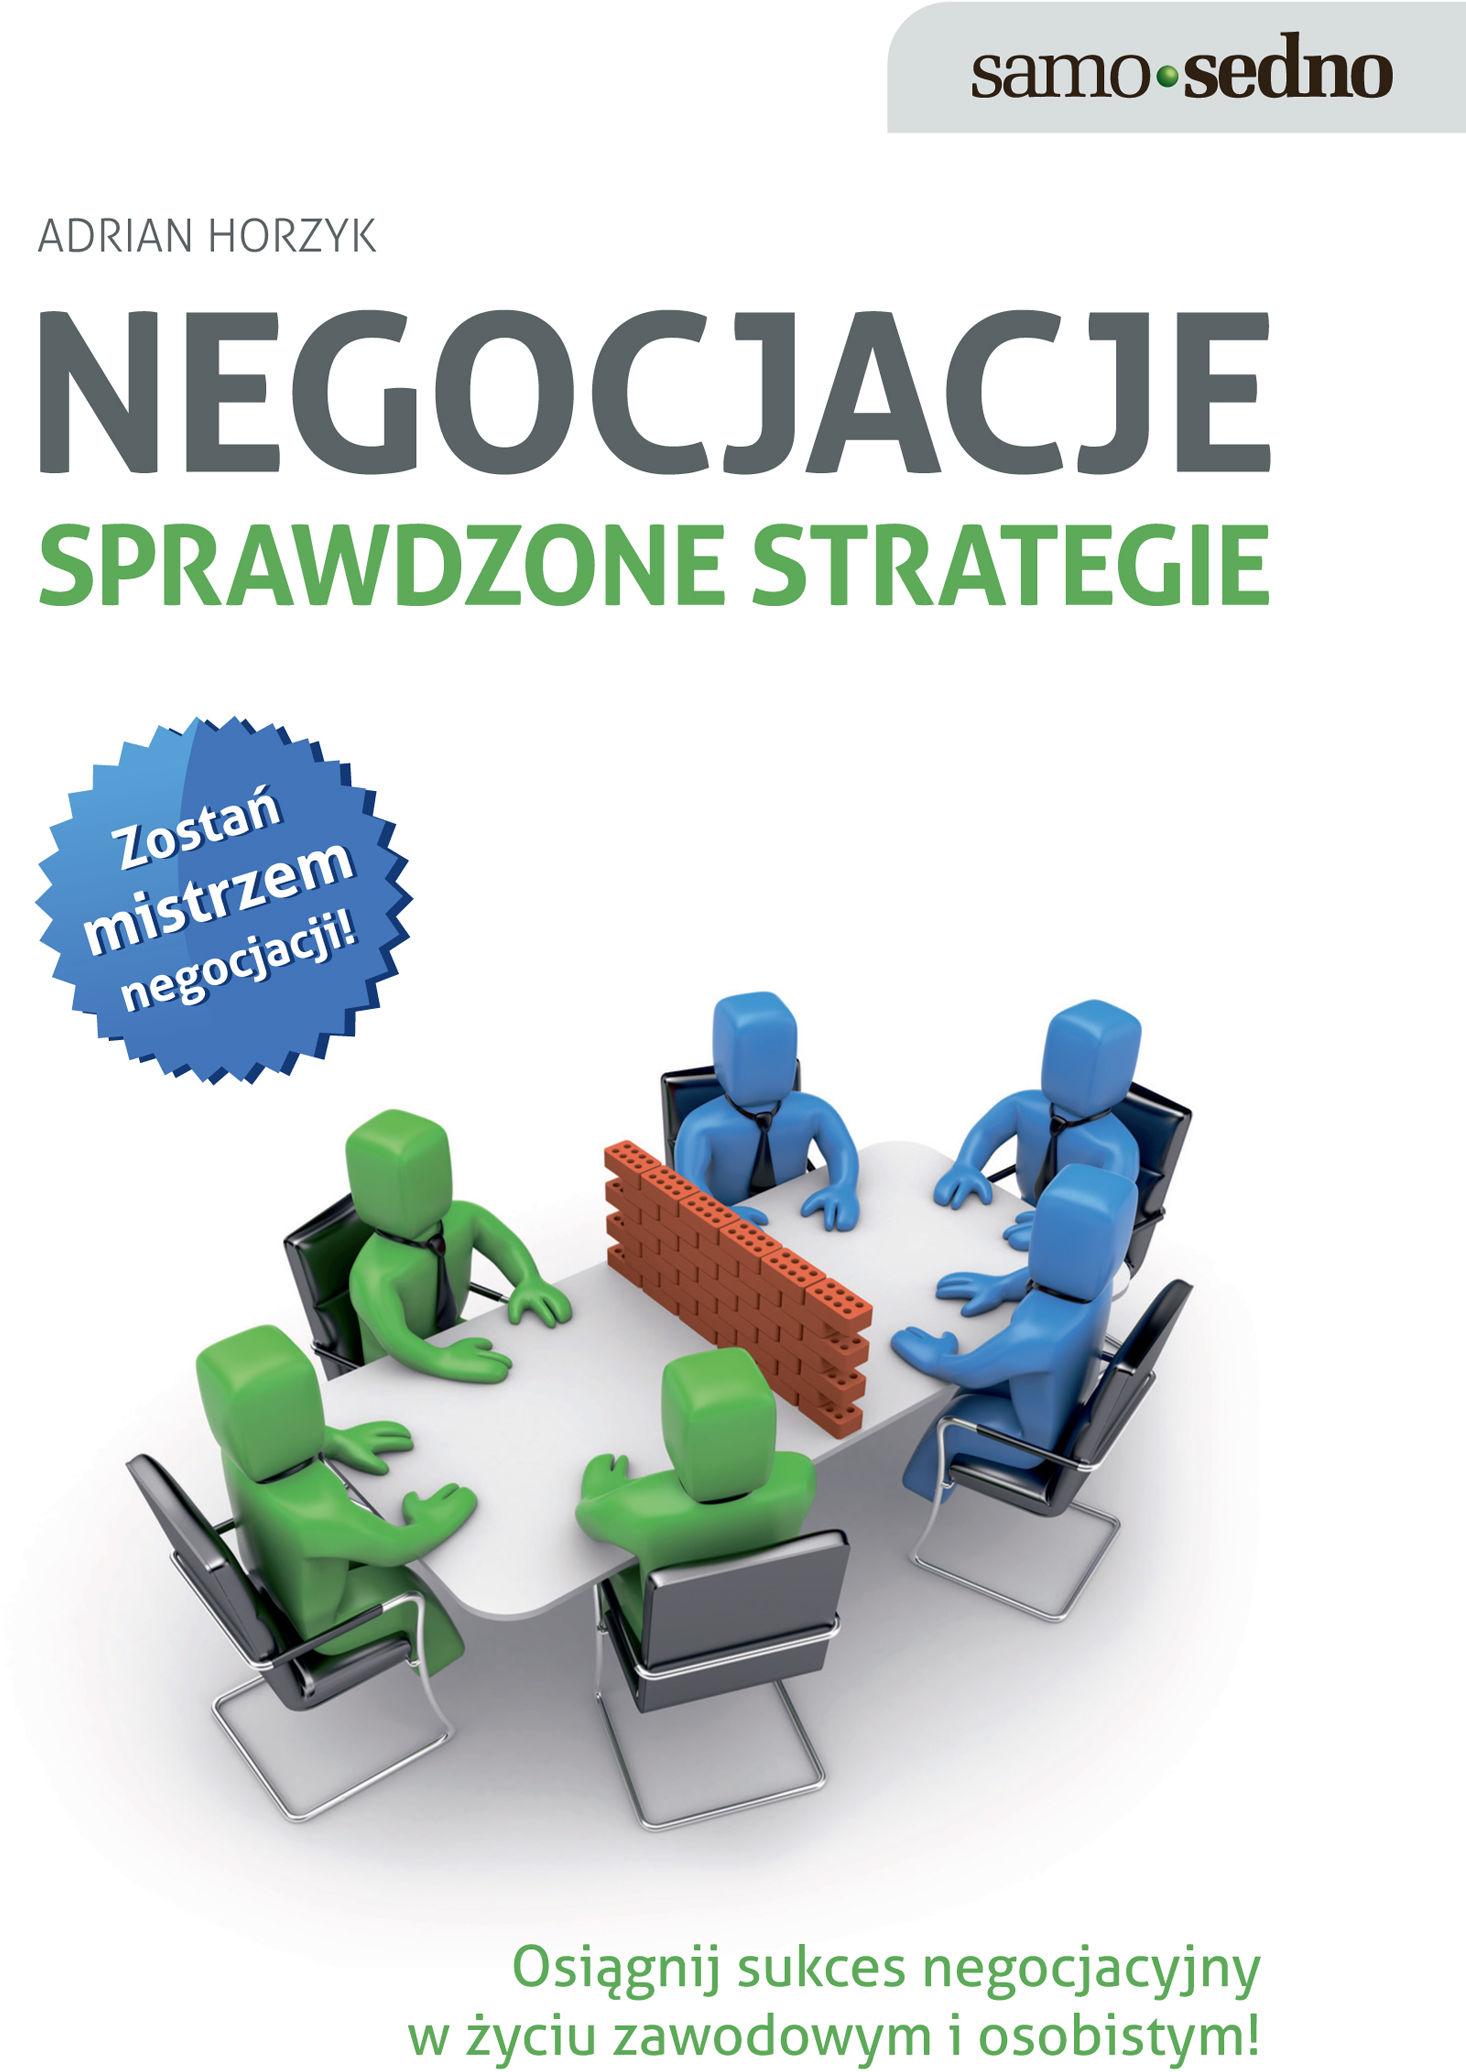 Samo Sedno - Negocjacje. Sprawdzone strategie - Adrian Horzyk - ebook